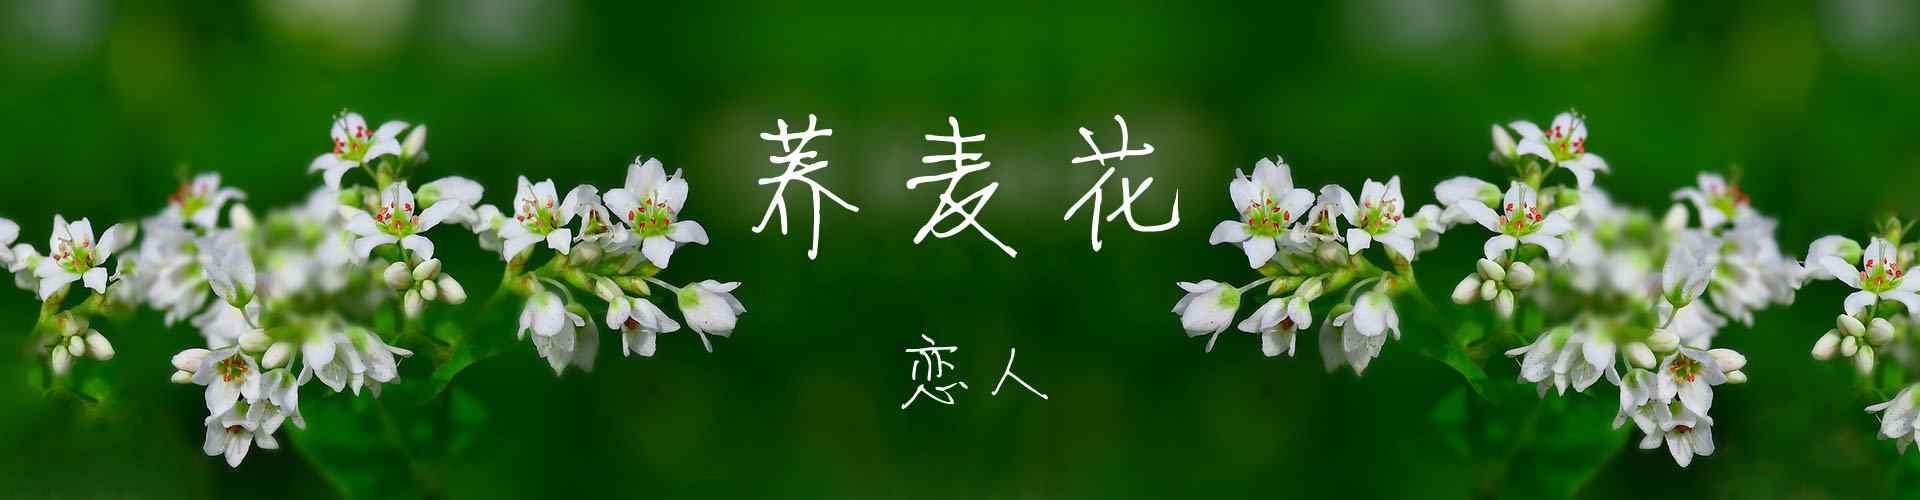 荞麦花图片_荞麦花海图片_荞麦花开图片_荞麦花桌面壁纸、手机壁纸_植物壁纸